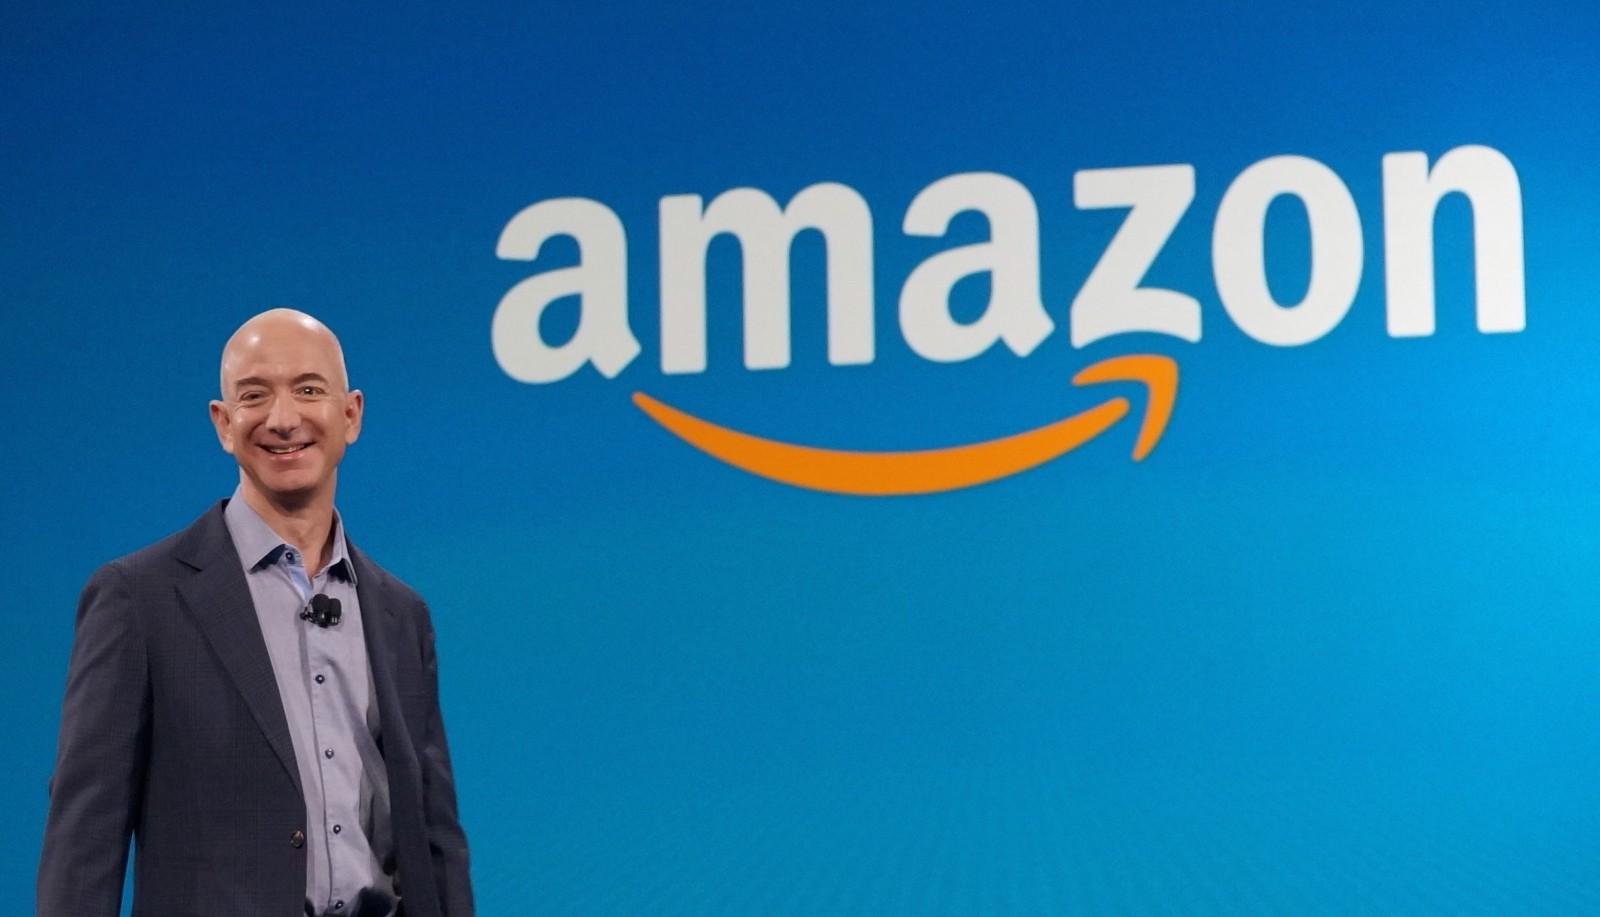 Amazon va intra în faliment, iar de acest lucru ne asigura fondatorul companiei, Jeff Bezos